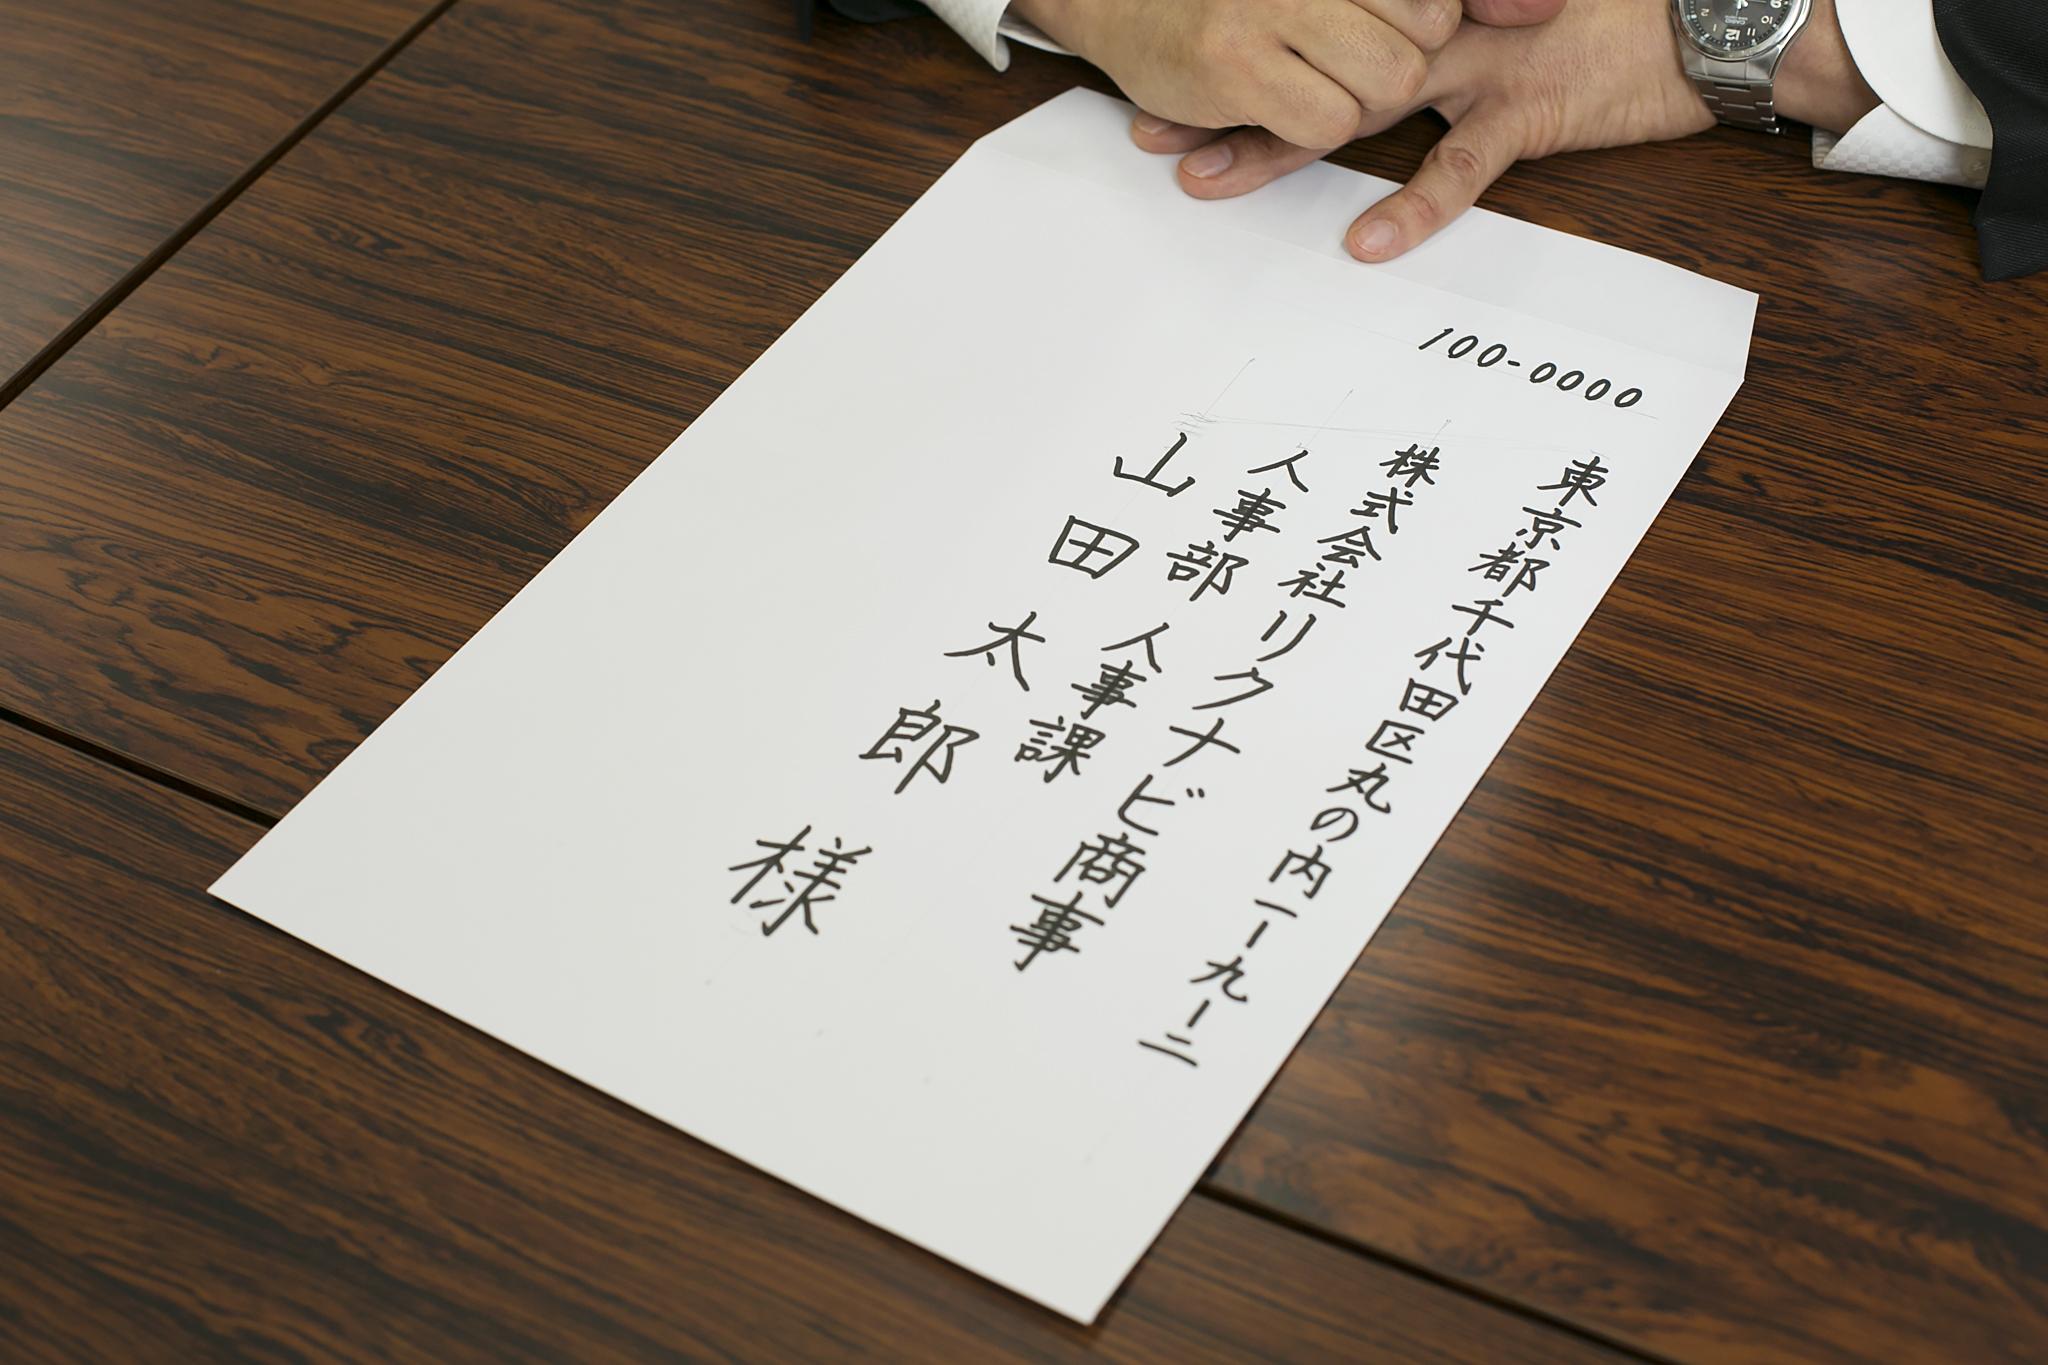 内定承諾書を送る封筒の見本画像